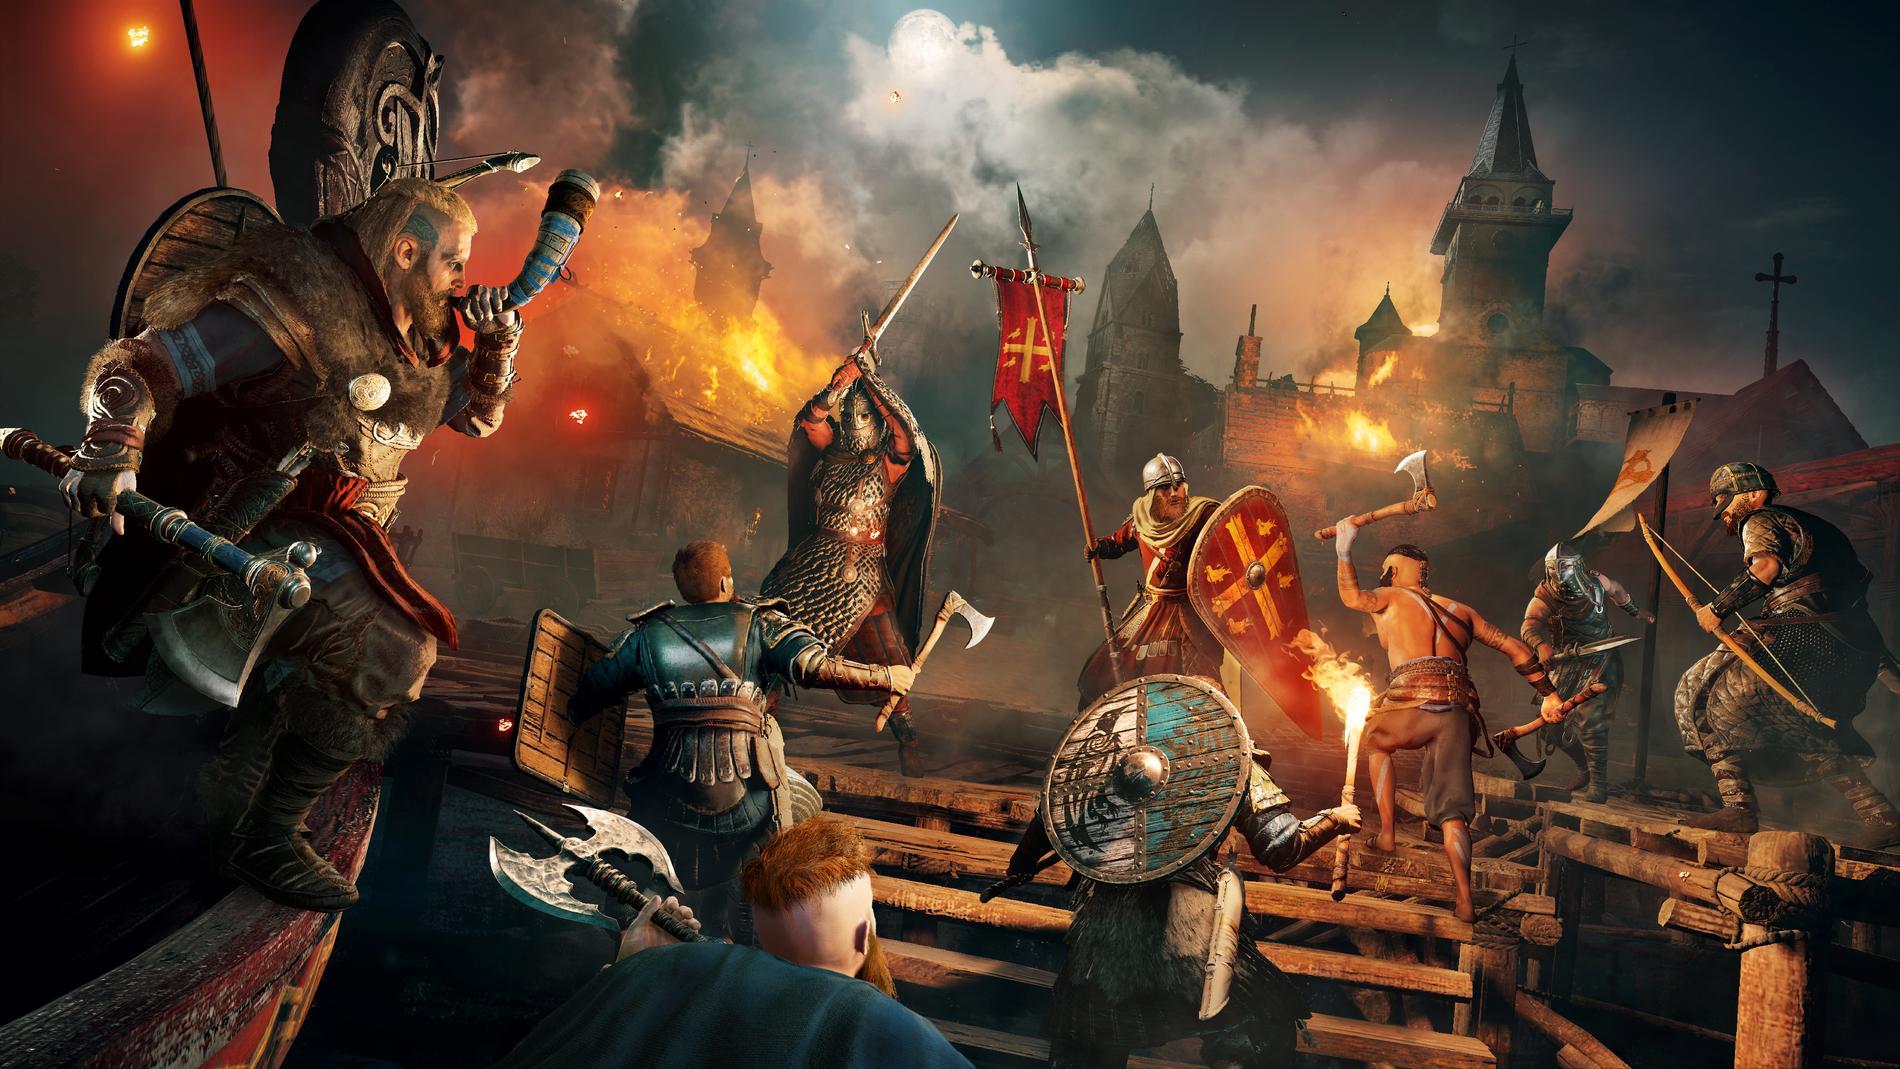 """Bland spelen som kommer att erbjudas finns flera titlar från spelserien """"Assassin's Creed"""", på bilden syns spelet """"Assassin's creed Valhalla"""". Pressbild."""